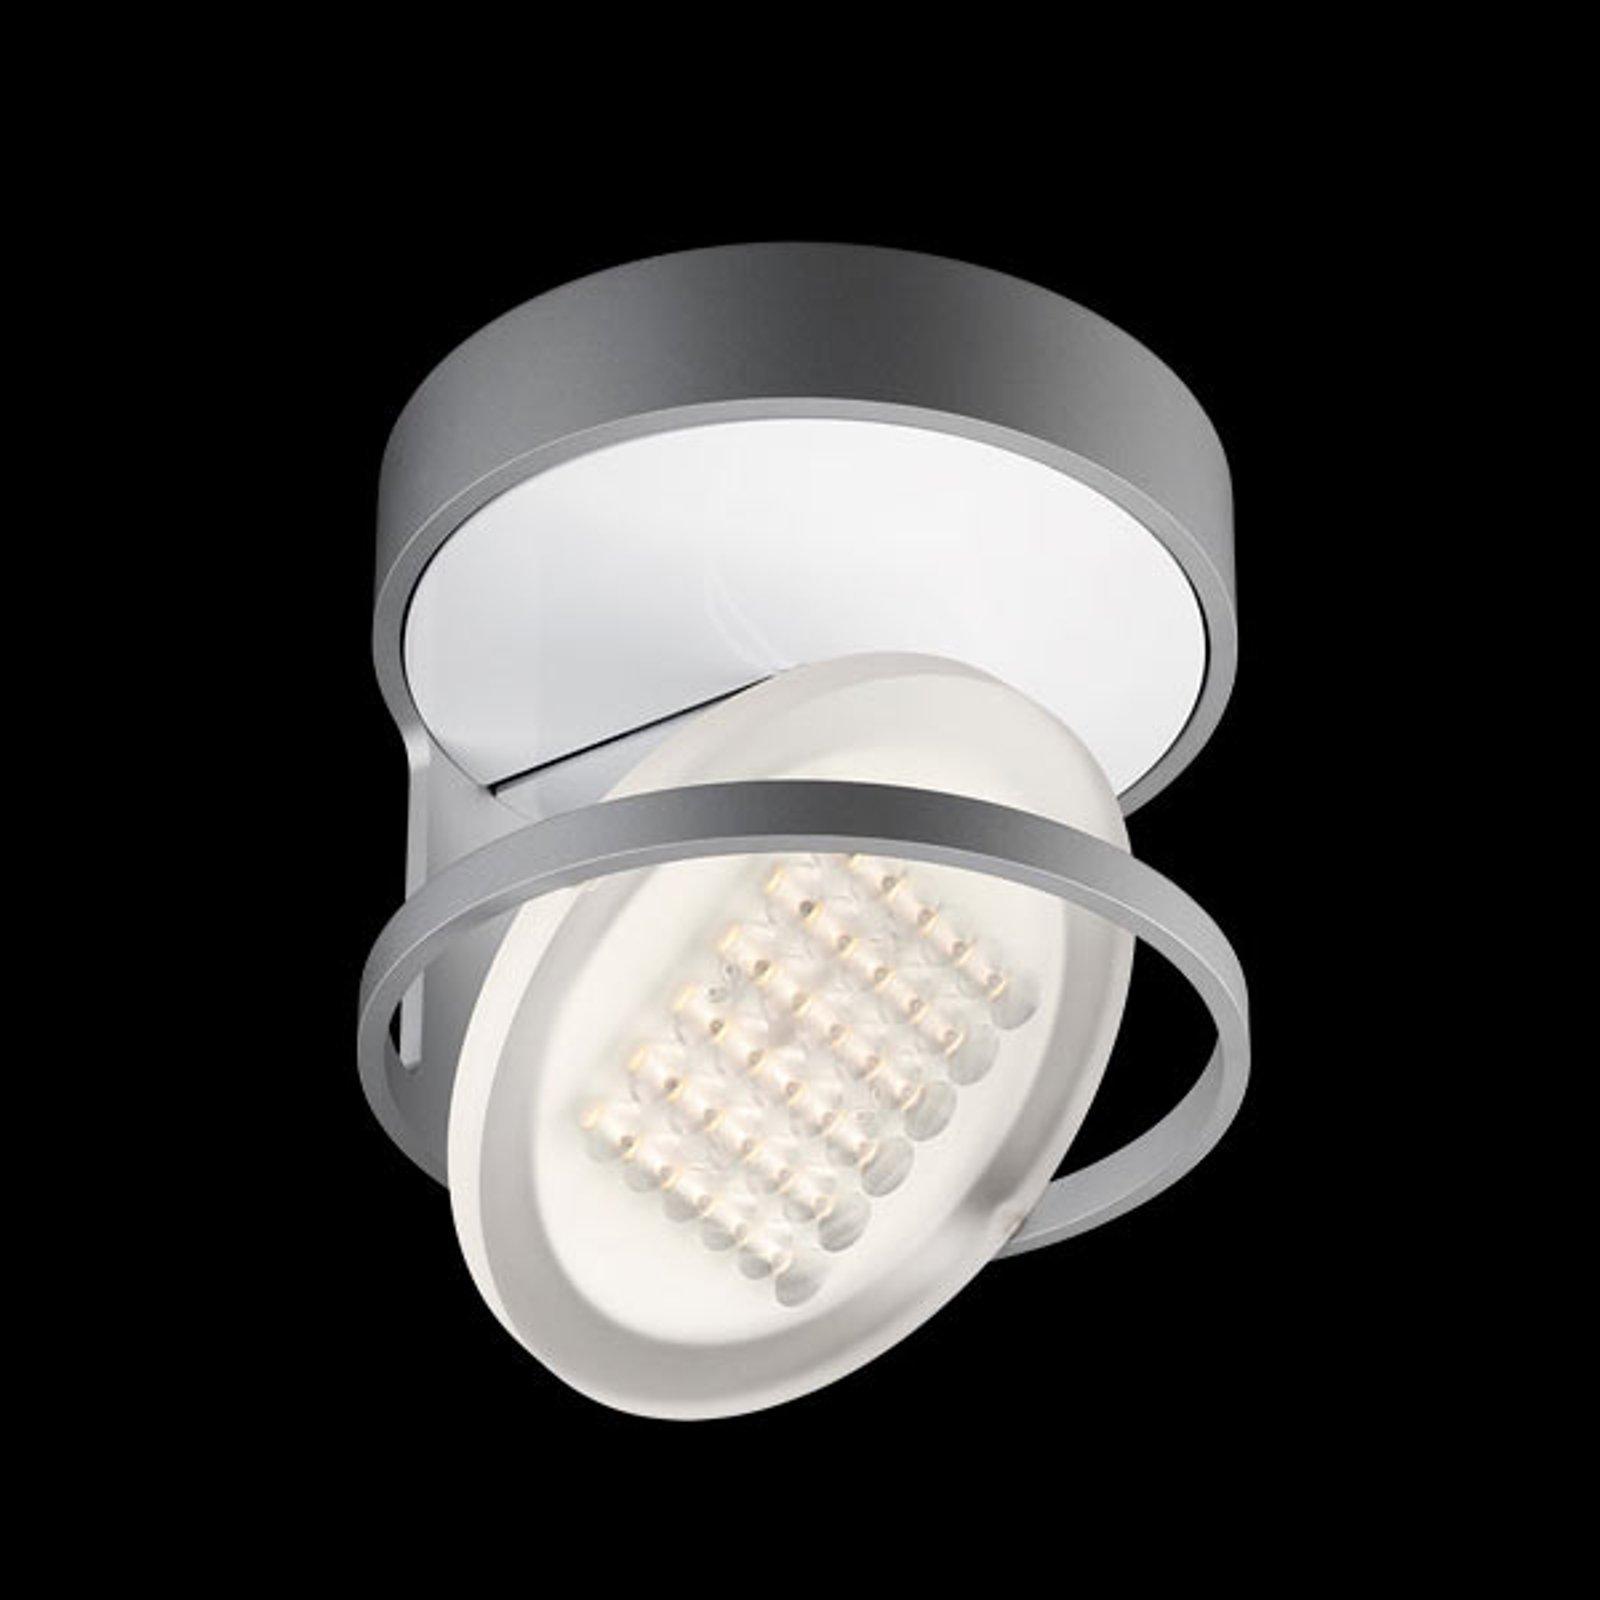 Nimbus Rim R 36 LED-taklampe, sølv tonic